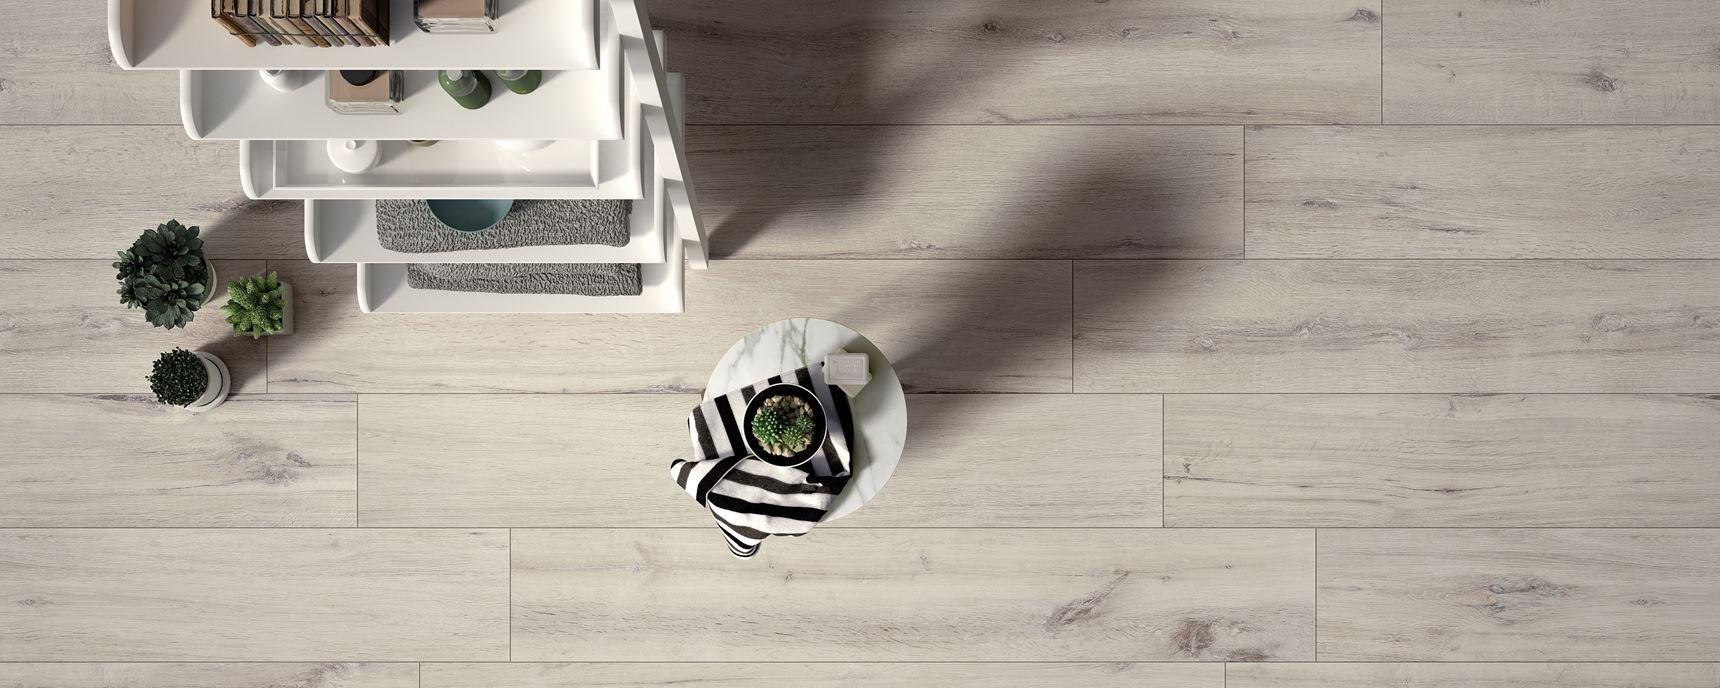 Mattonelle Simil Parquet Prezzi pavimento in gres effetto legno: ecco perché preferirlo al